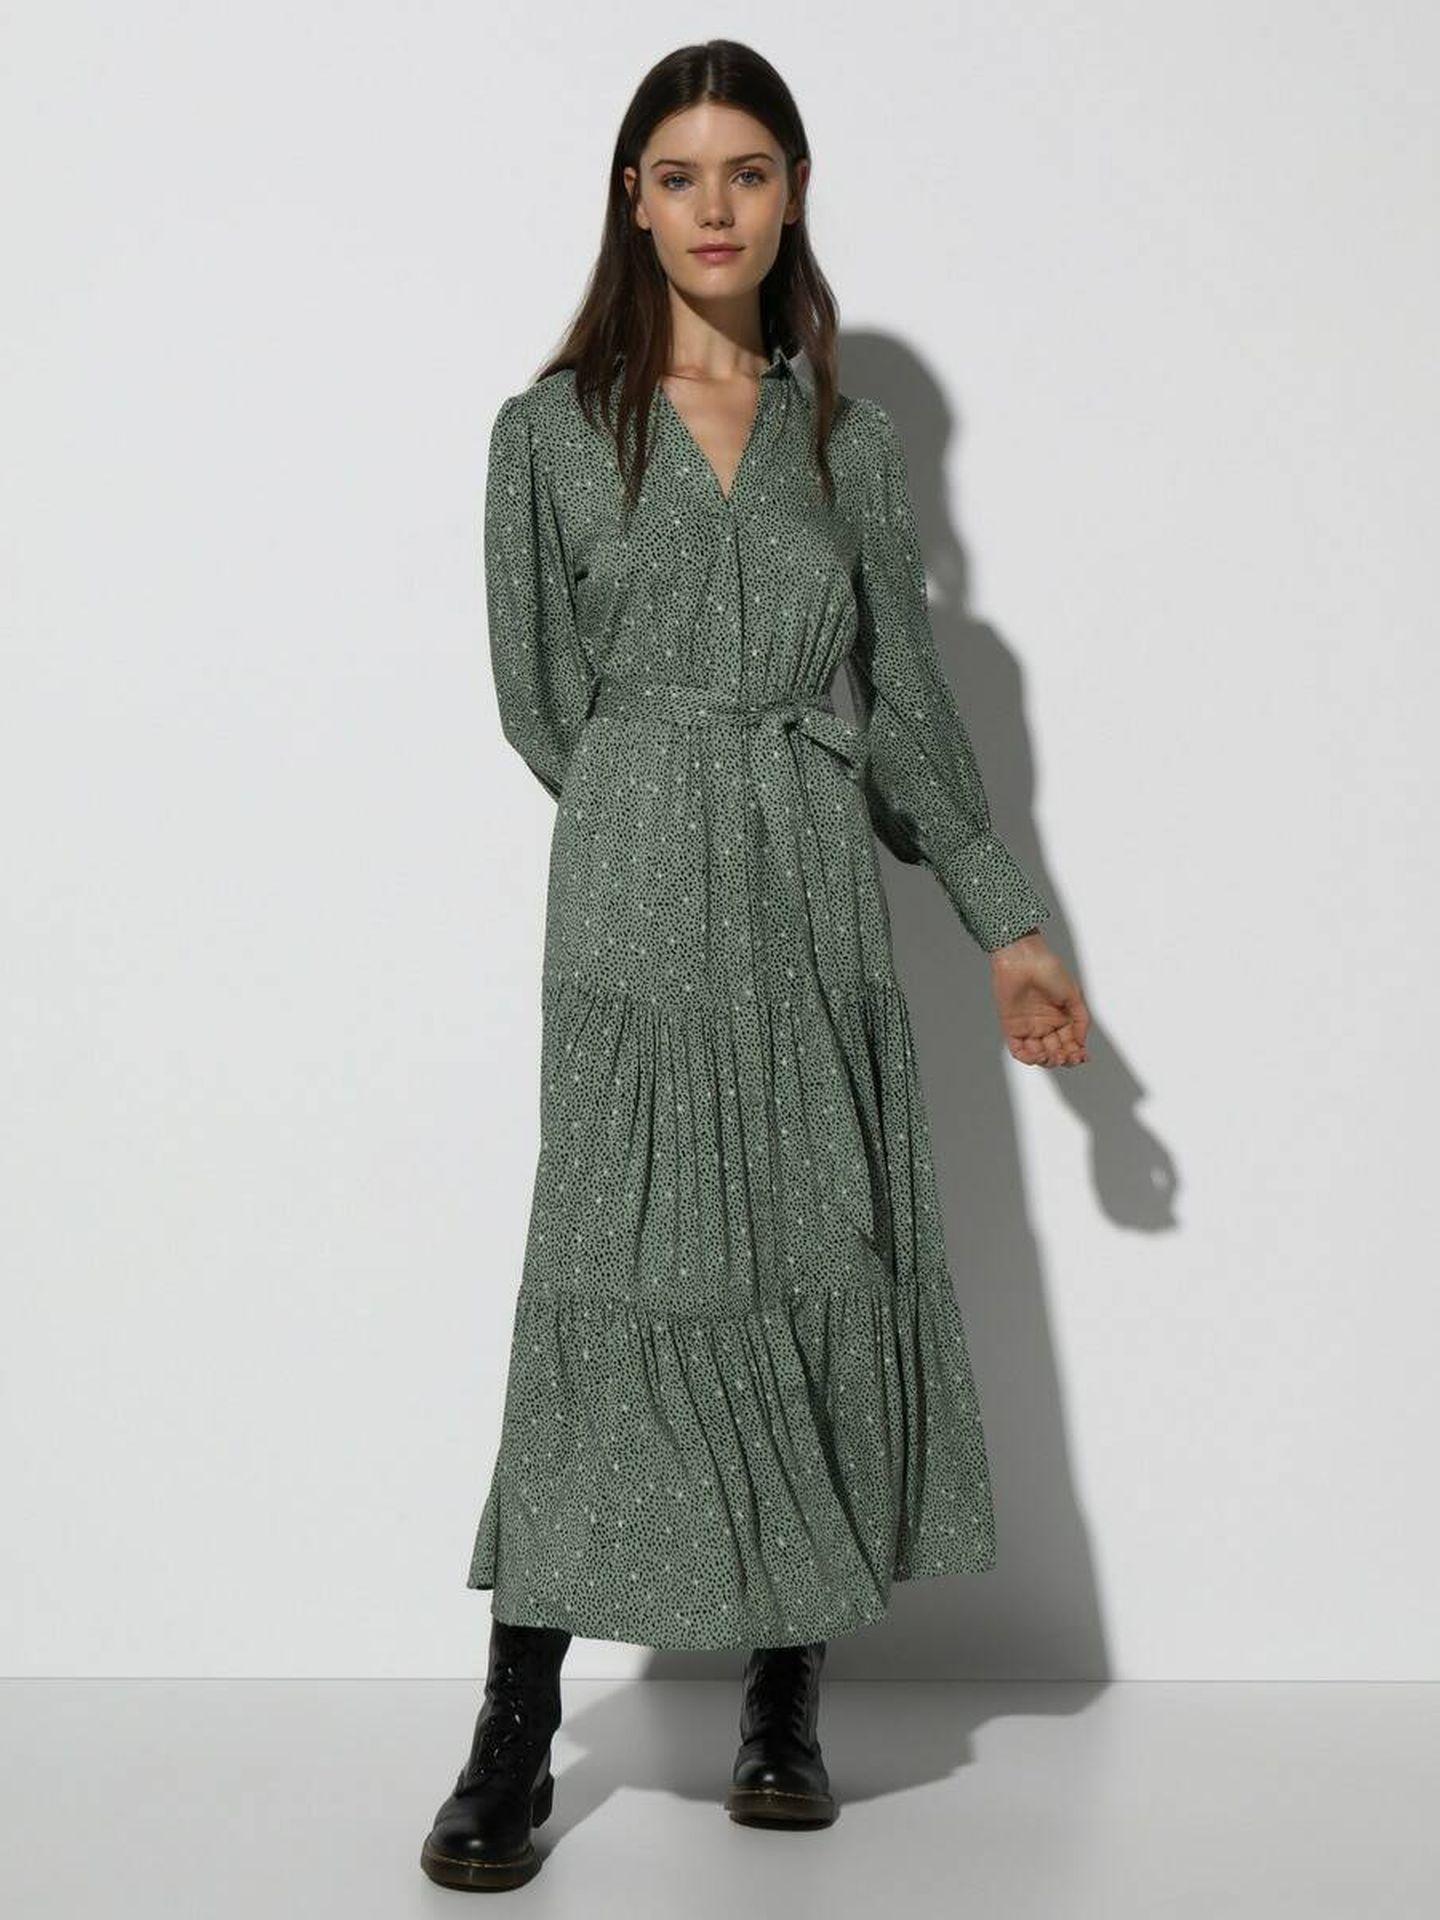 Vestido estampado a la venta en El Corte Inglés. (Cortesía)